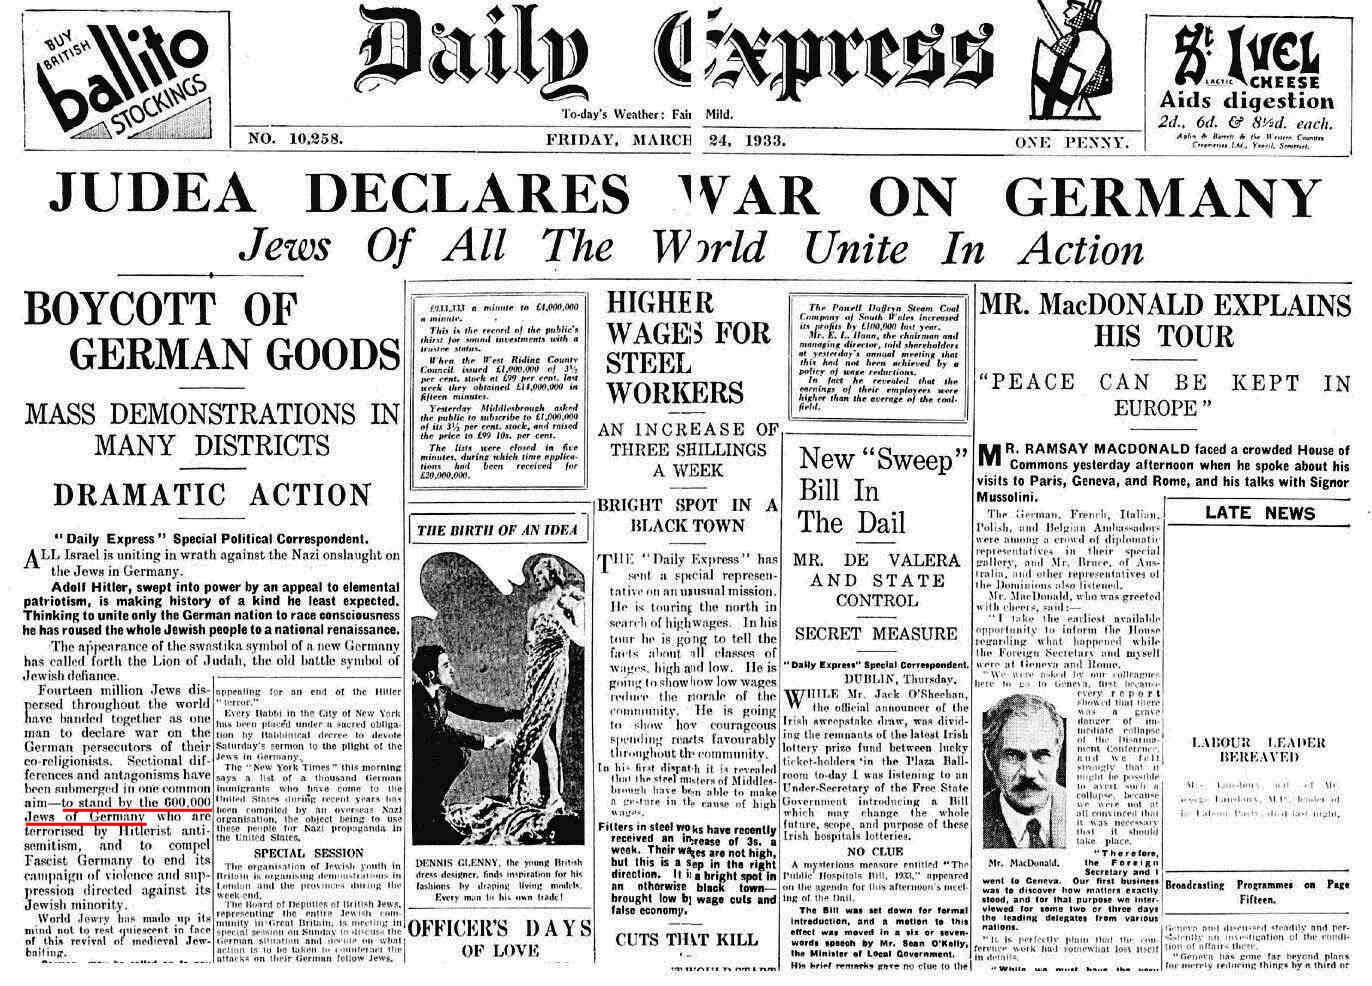 judea declares war on germany